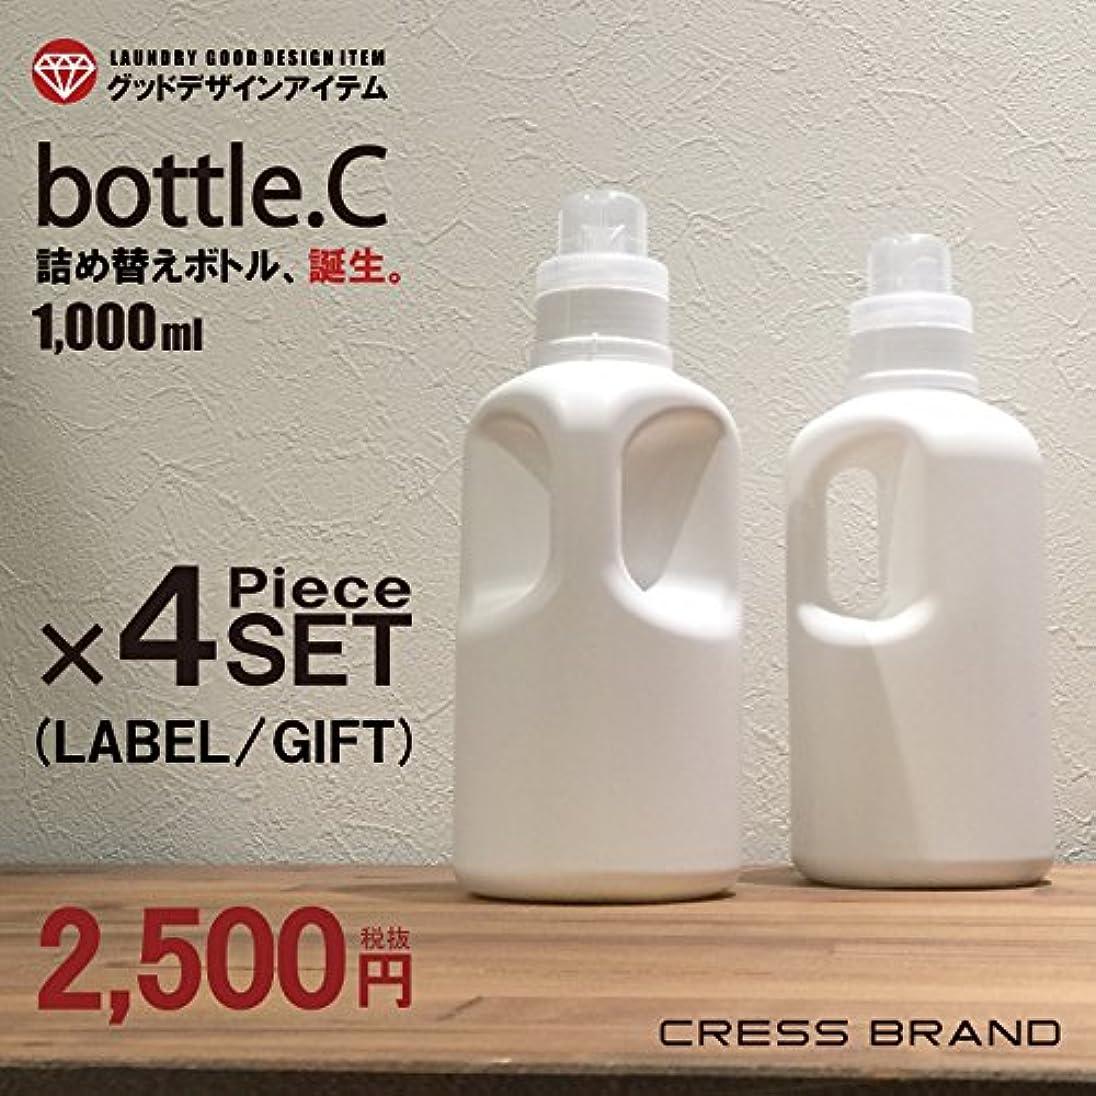 賞賛福祉どんなときも?4個+ラベル1枚のセット? bottle.C[クレス?オリジナルボトル]1000ml (Simple-label+ボトル4個セット) / 2,700円(税込)